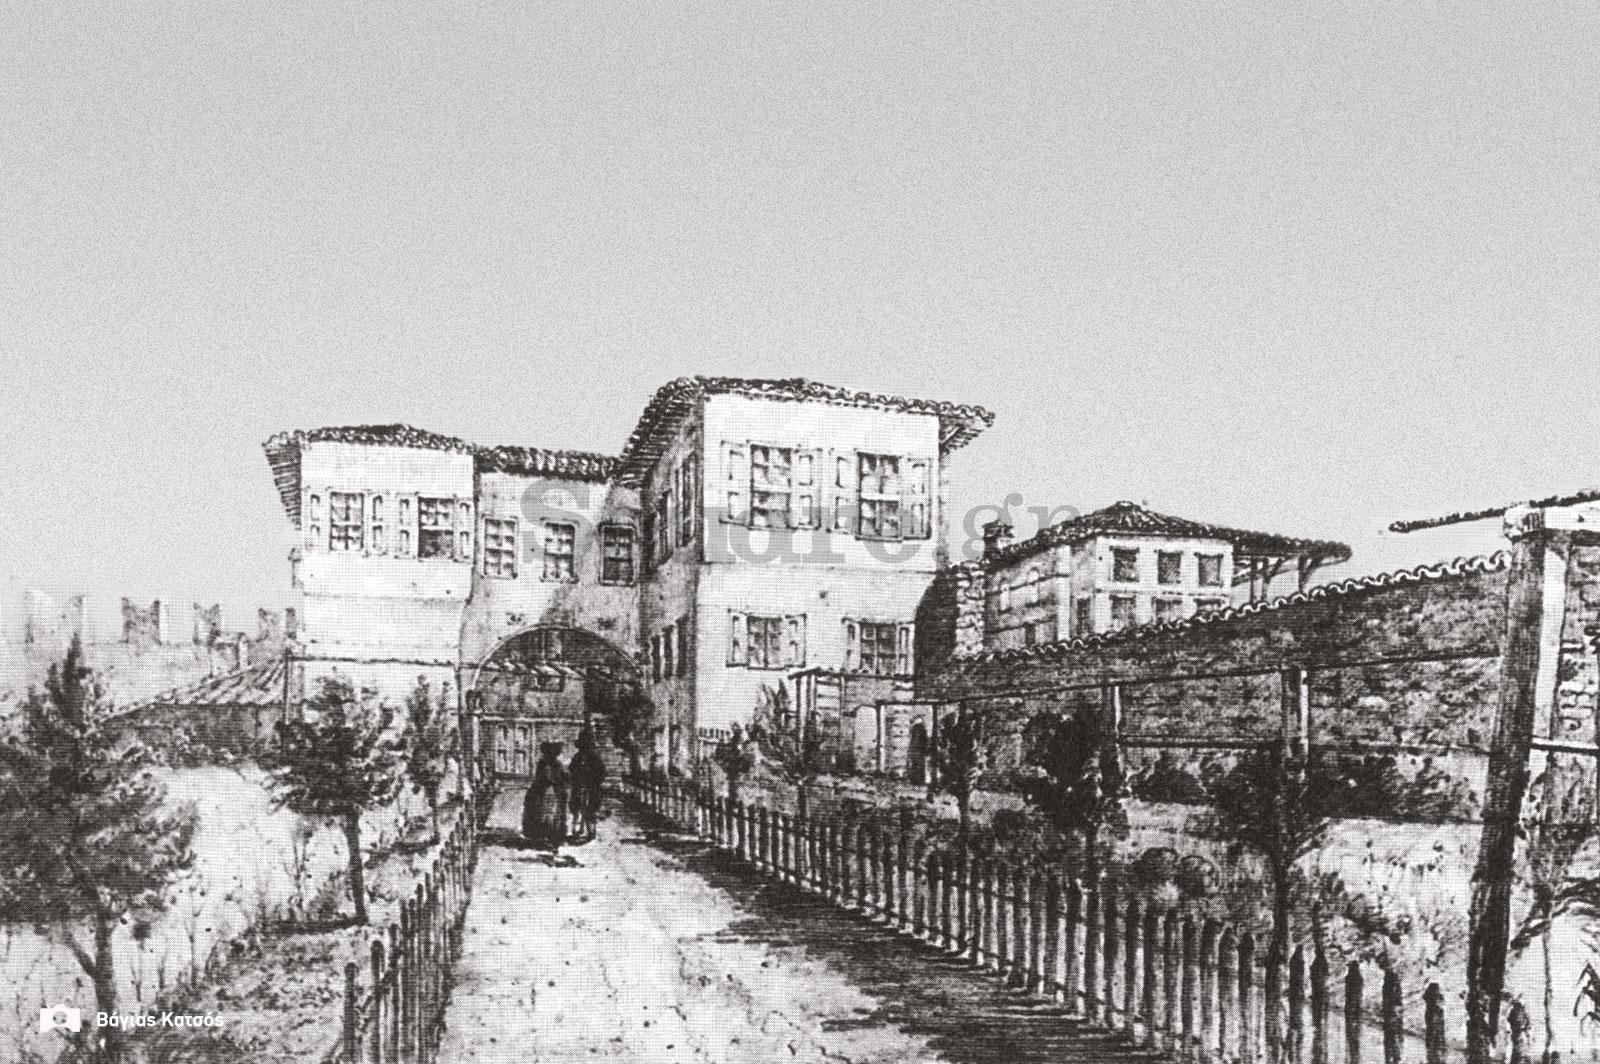 47-Σπίτια-Κοκκίνη-Οικία-Μένσελ-Αγνώστου-ζωγράφου-σχεδίασμα-με-μολύβι-final-square-logo